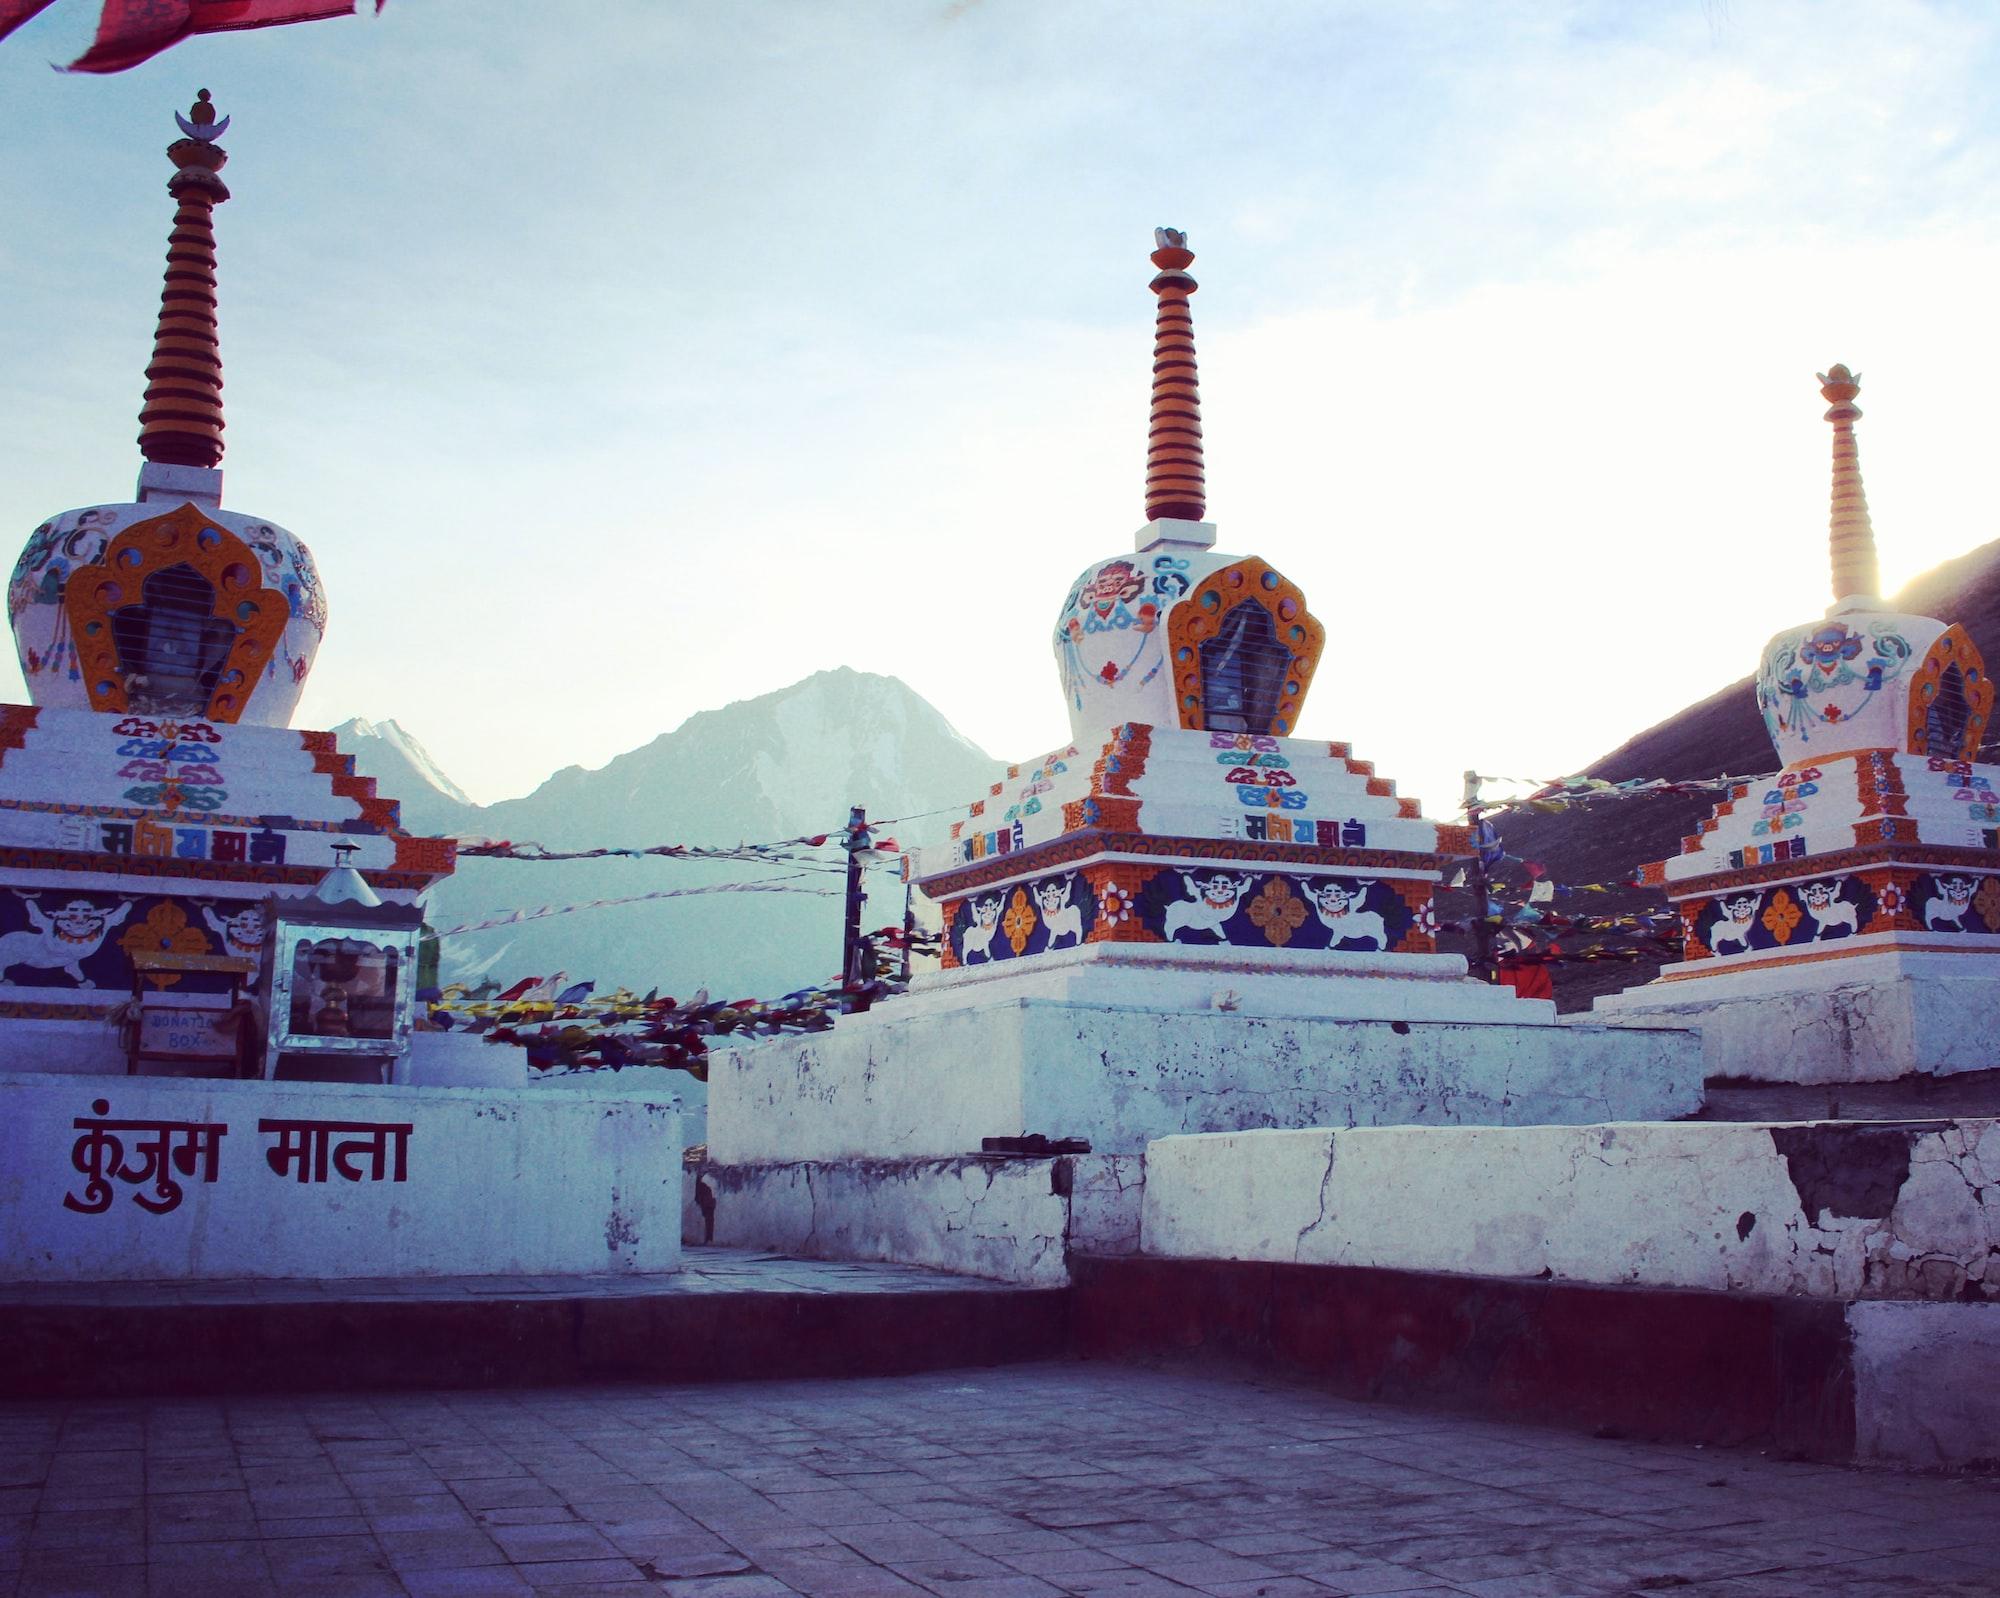 Temple in Ladakh, India 🇮🇳